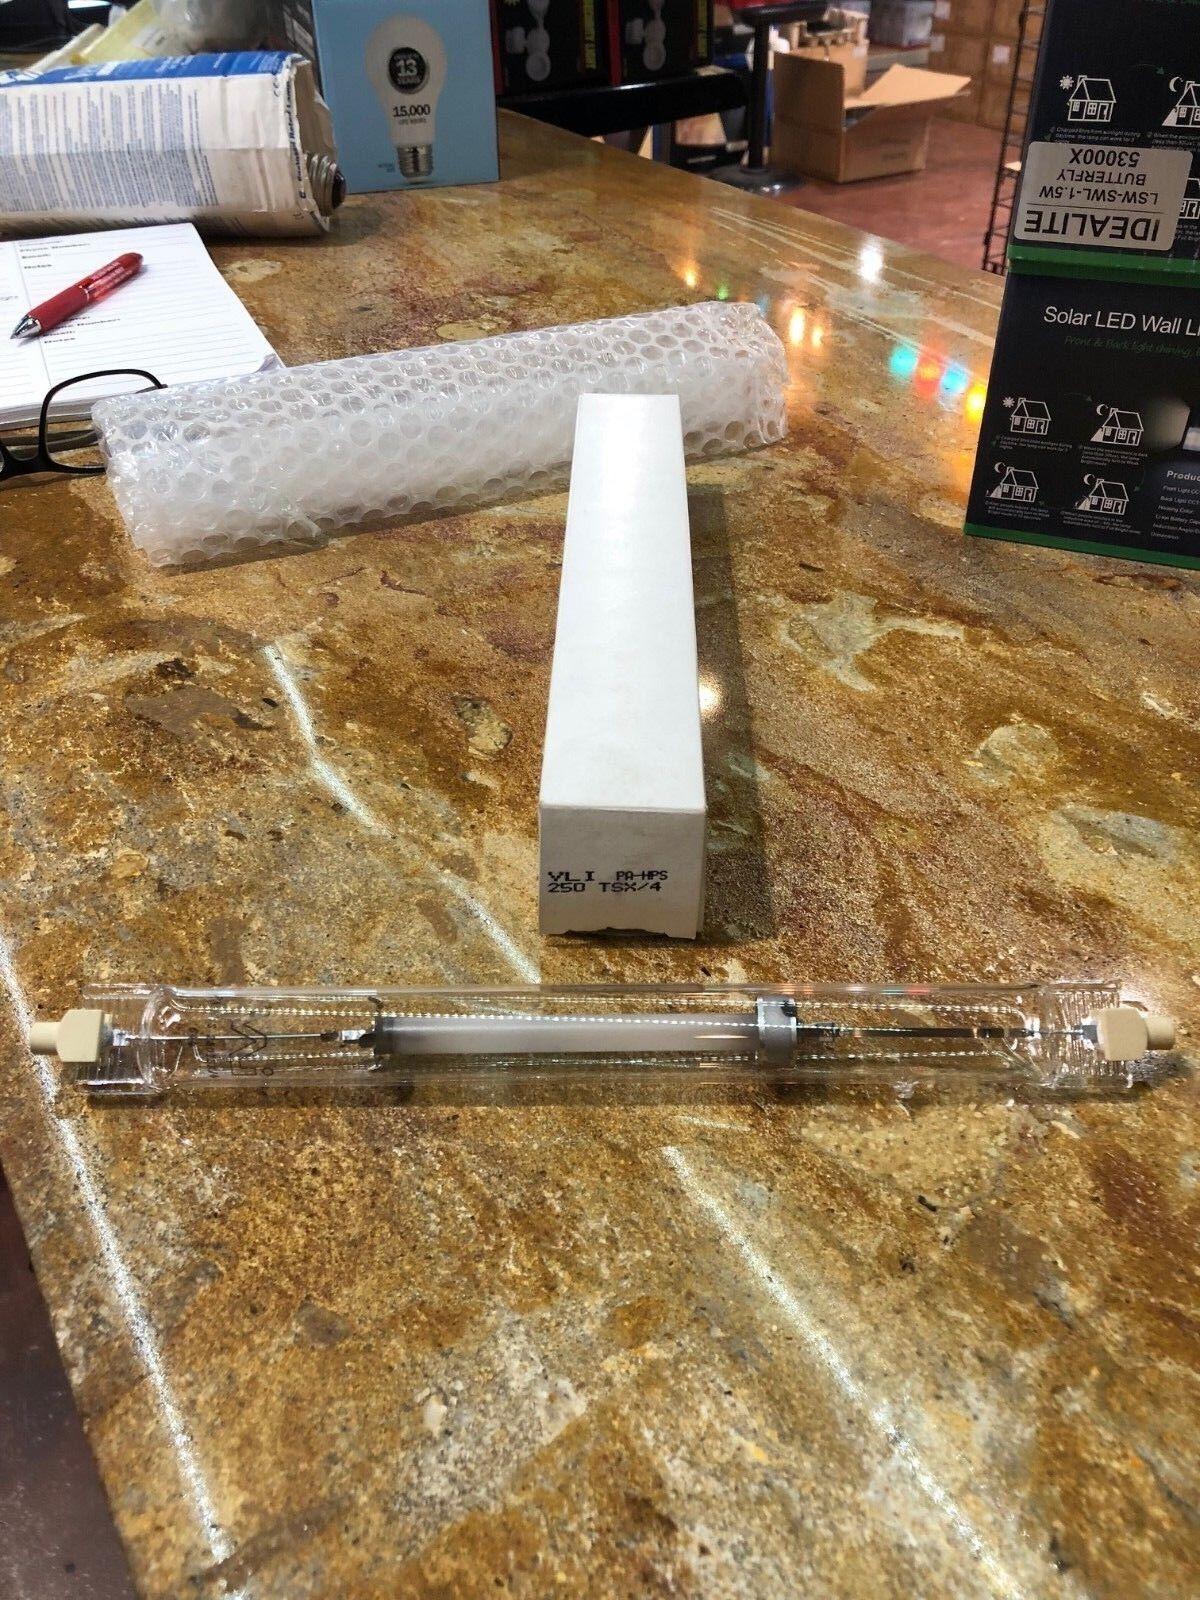 PA-HPS-250 TSX 4 HPS DOUBLE ENDED HPS LAMP